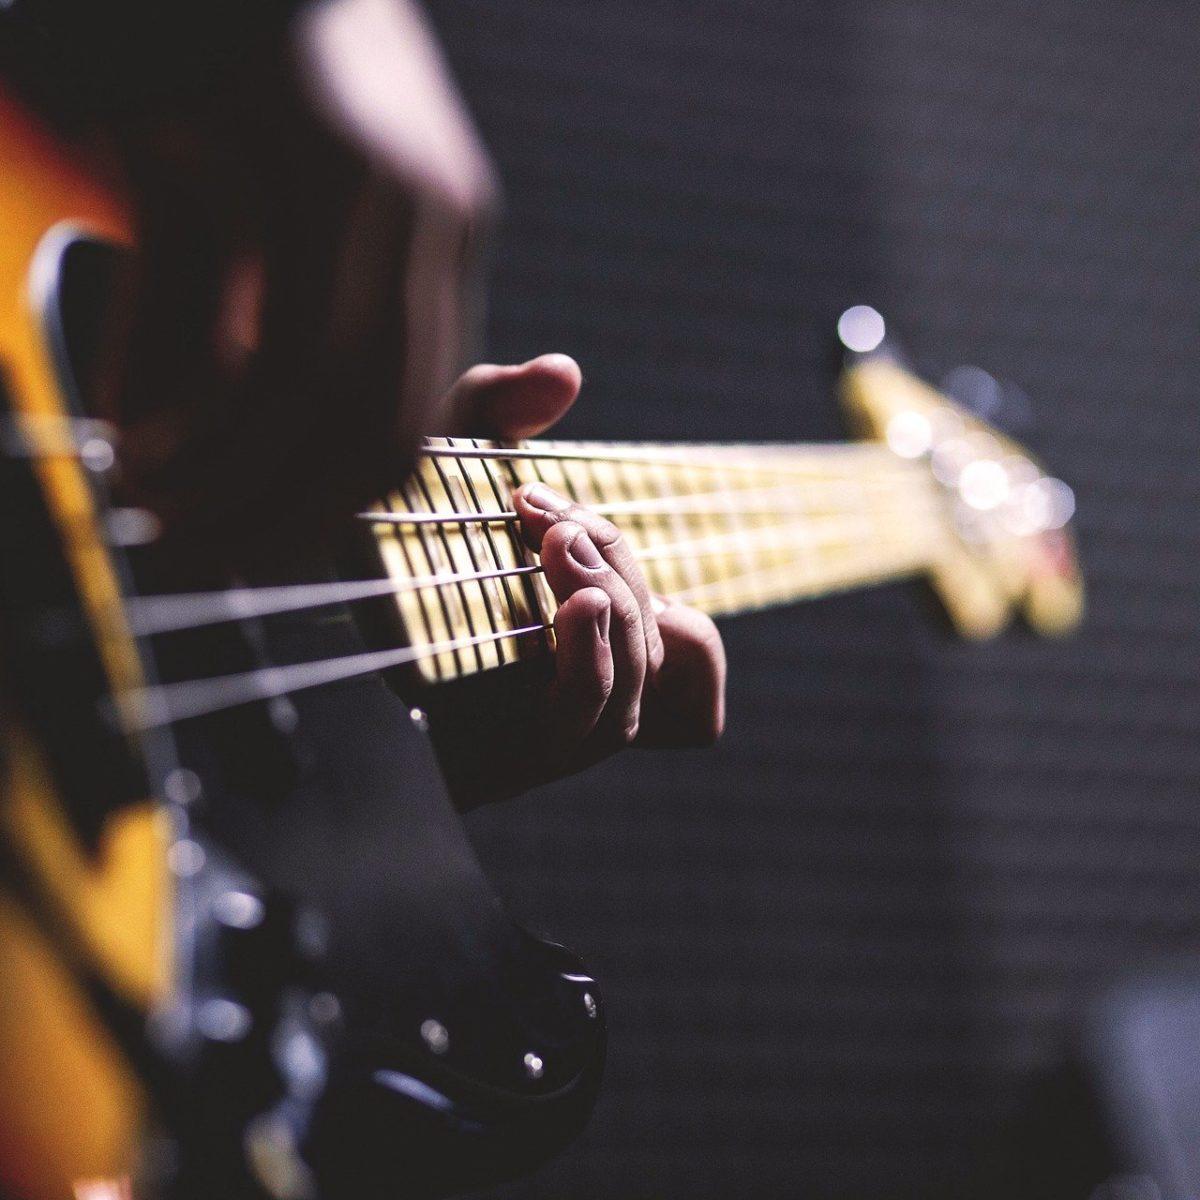 Secteur de la musique - musicien guitariste